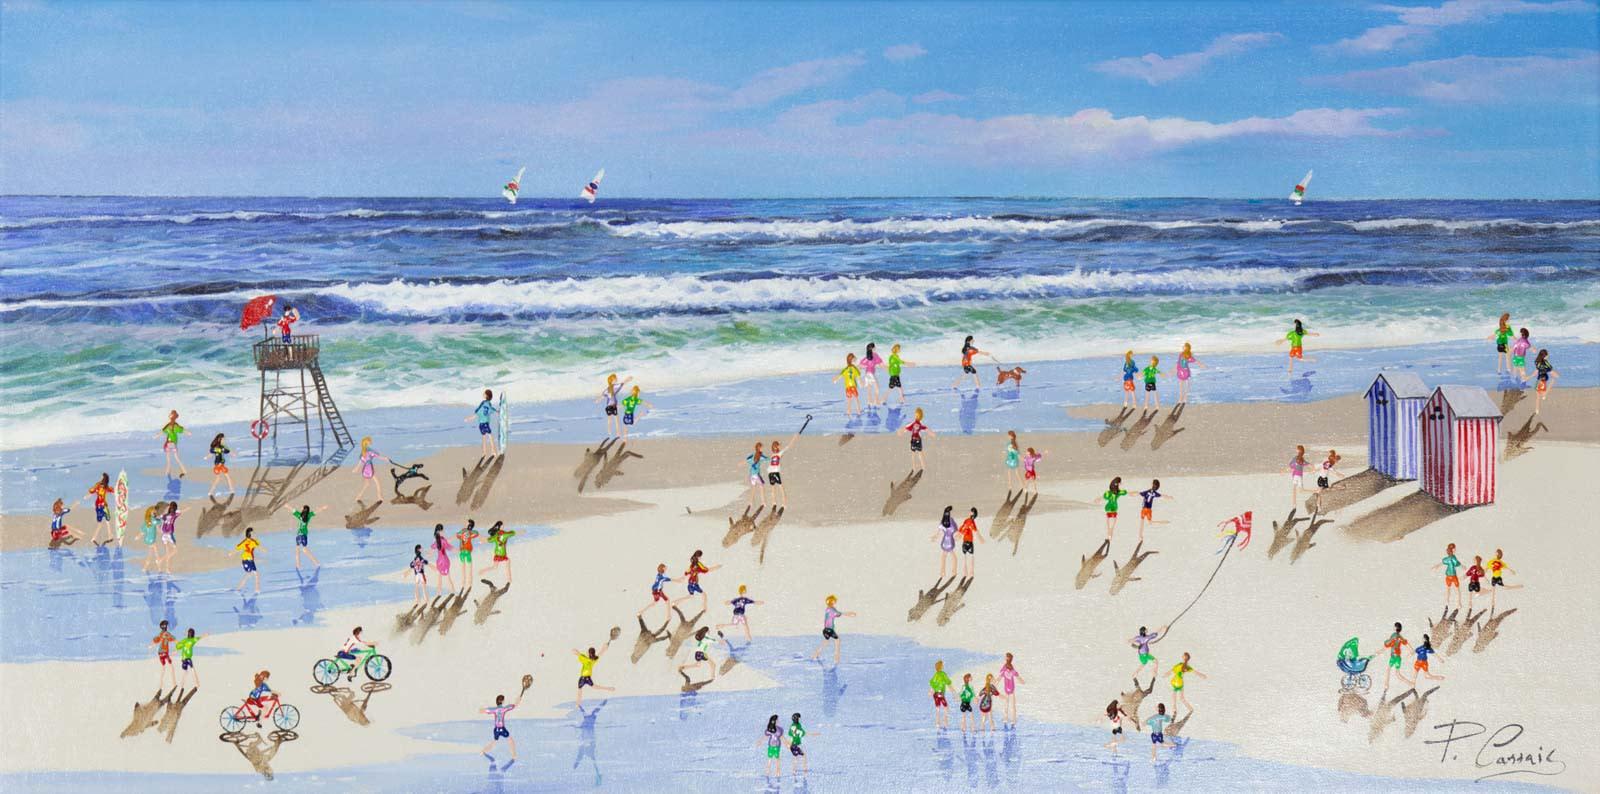 Summer on the Beach, Paola Cassais